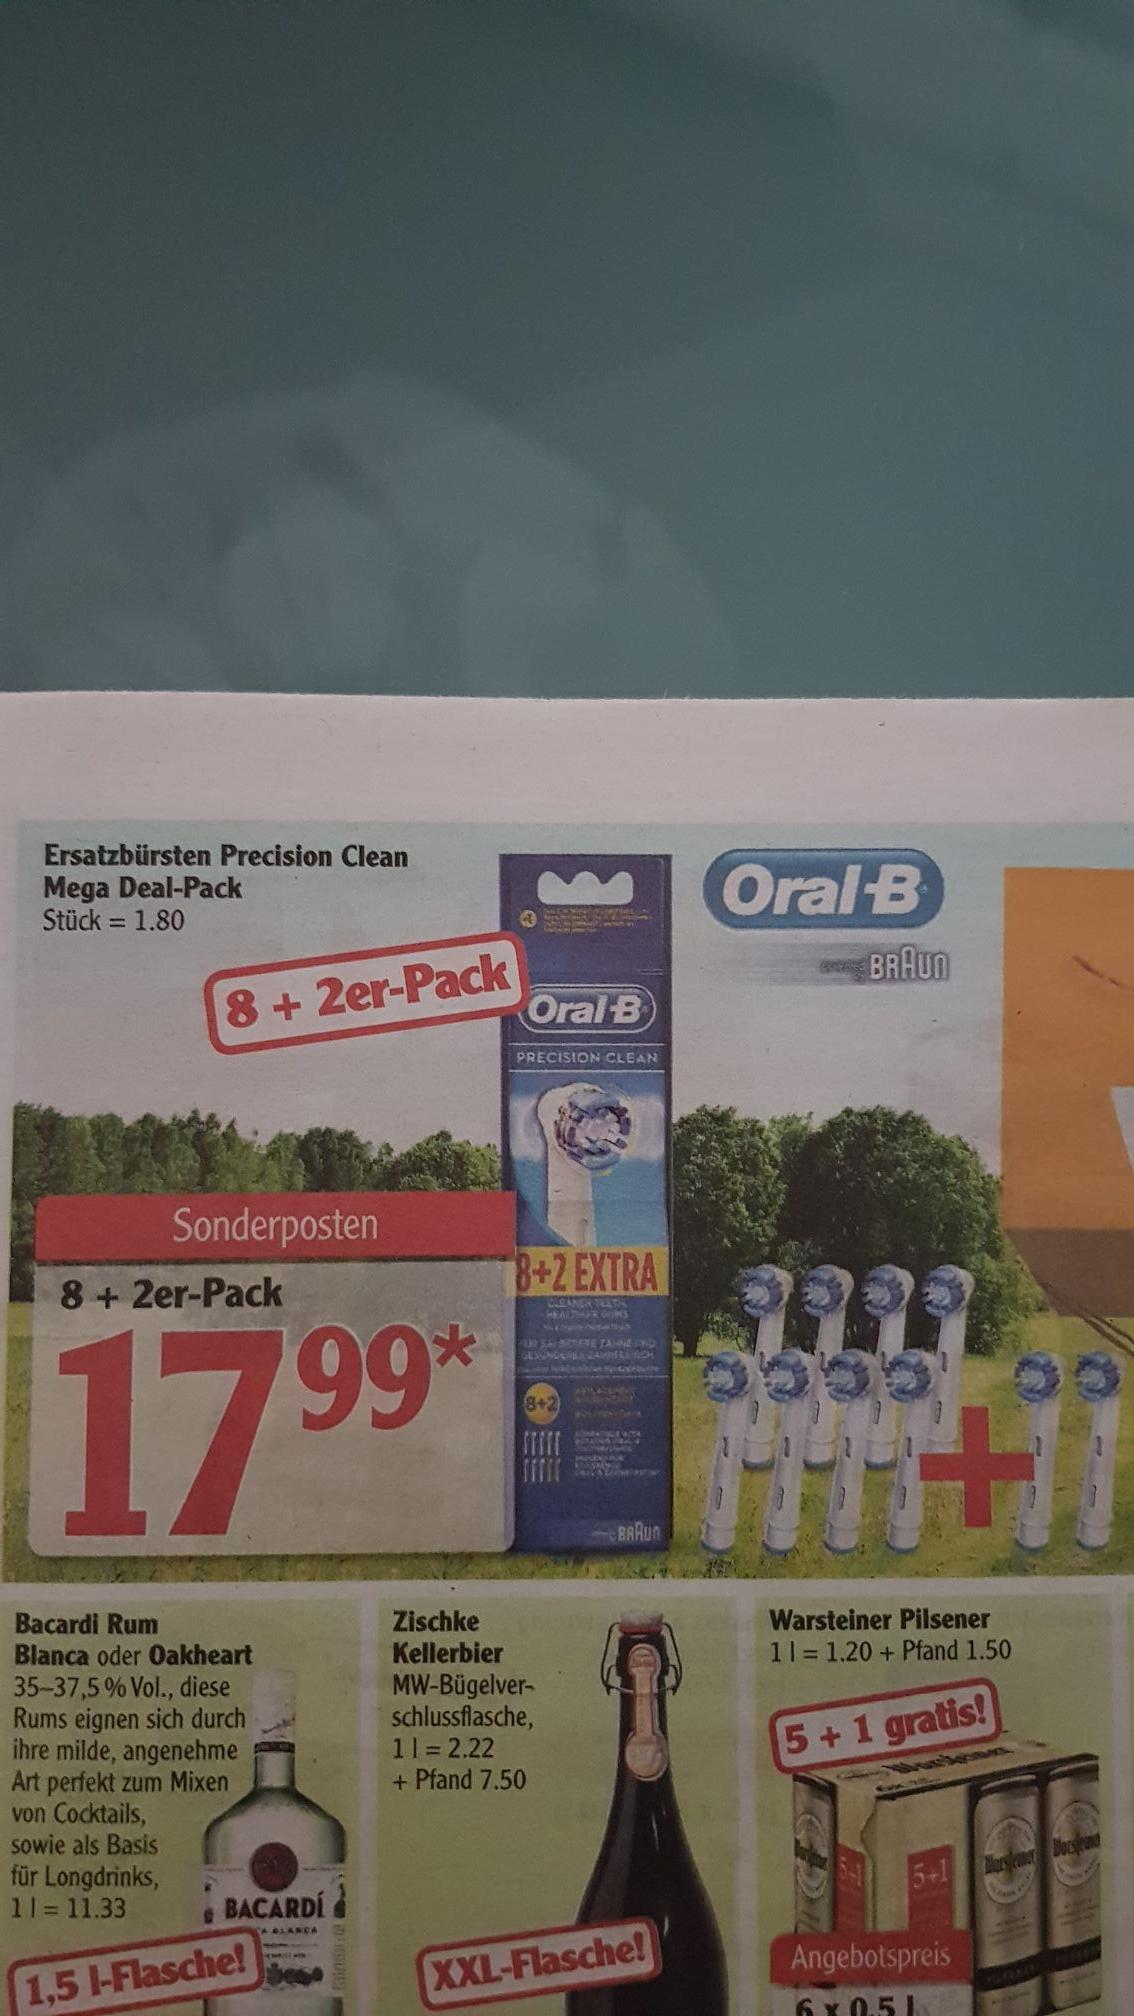 (Lokal) Braun Oral-B Ersatzbürsten Precision Clean 8+2